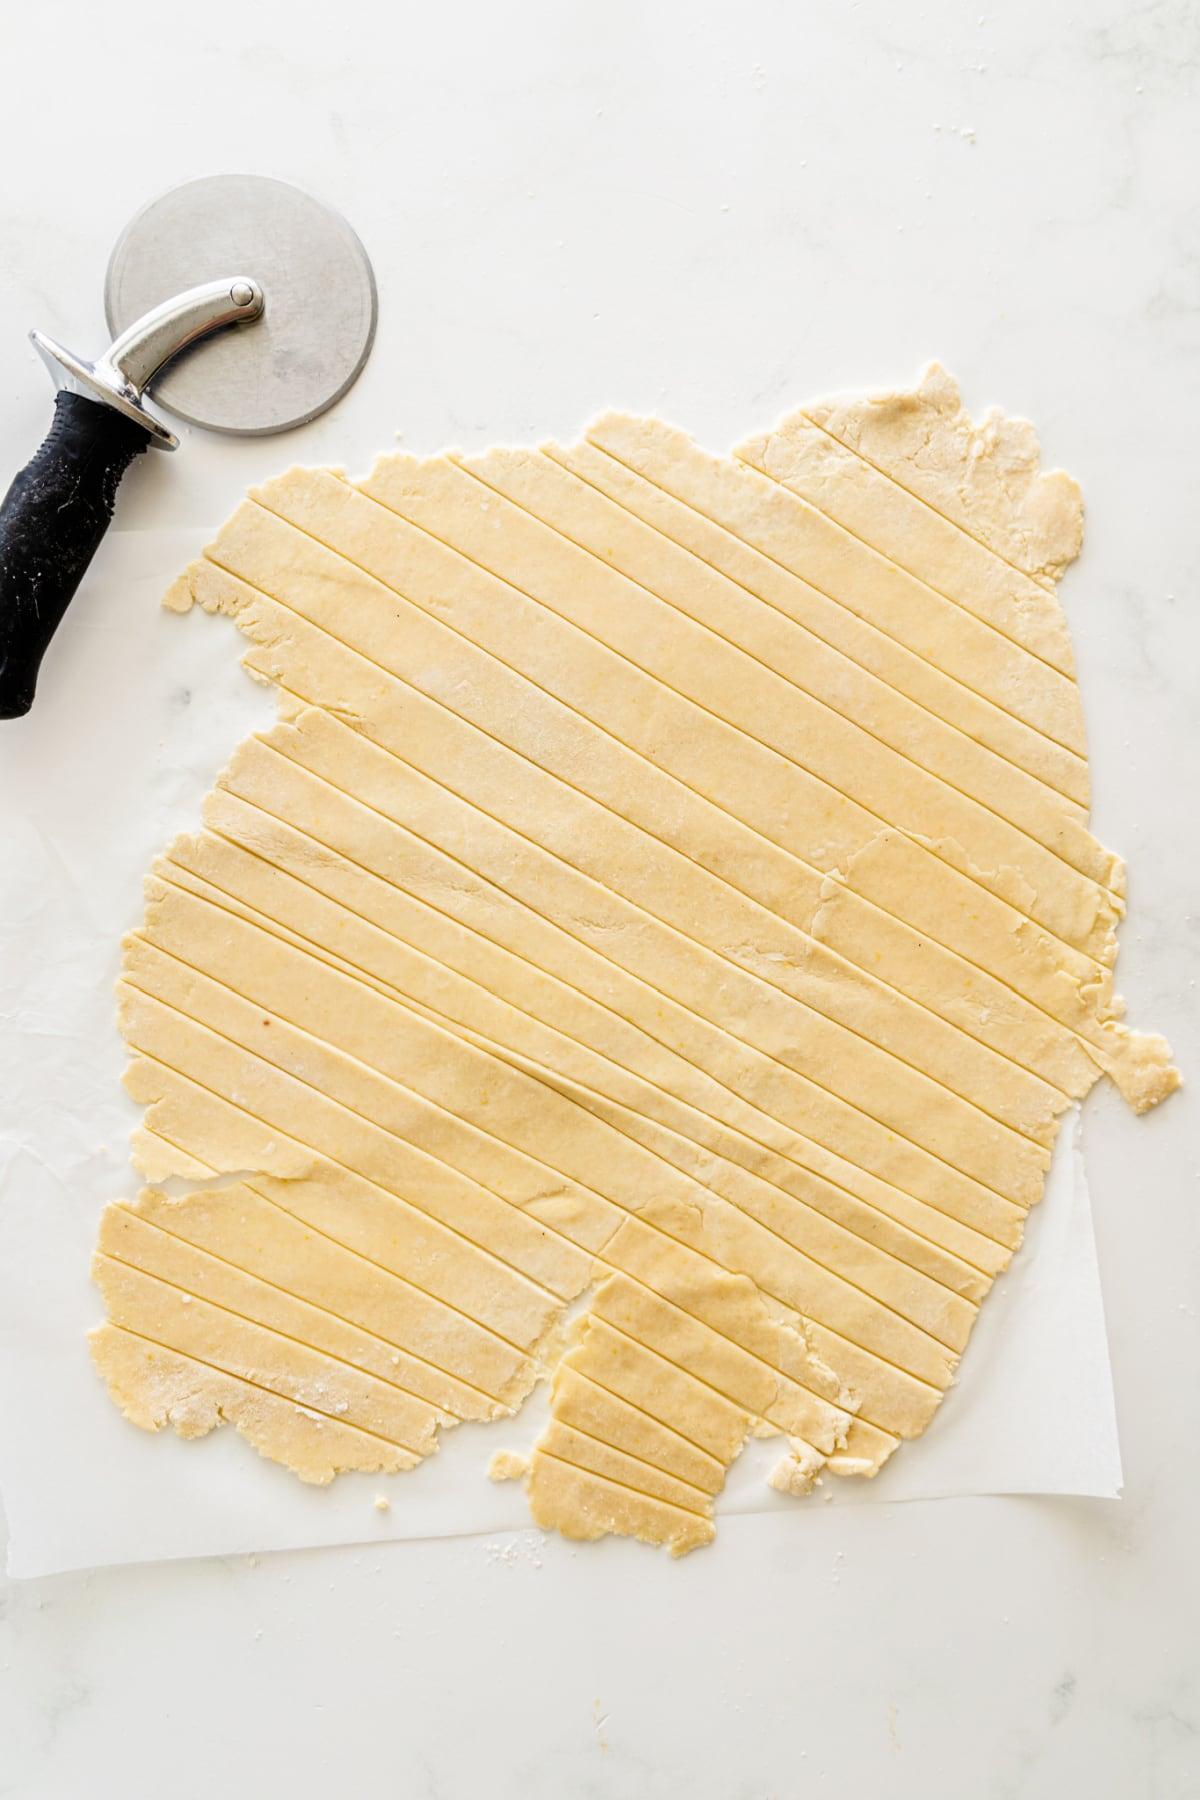 Pie crust dough cut into strips